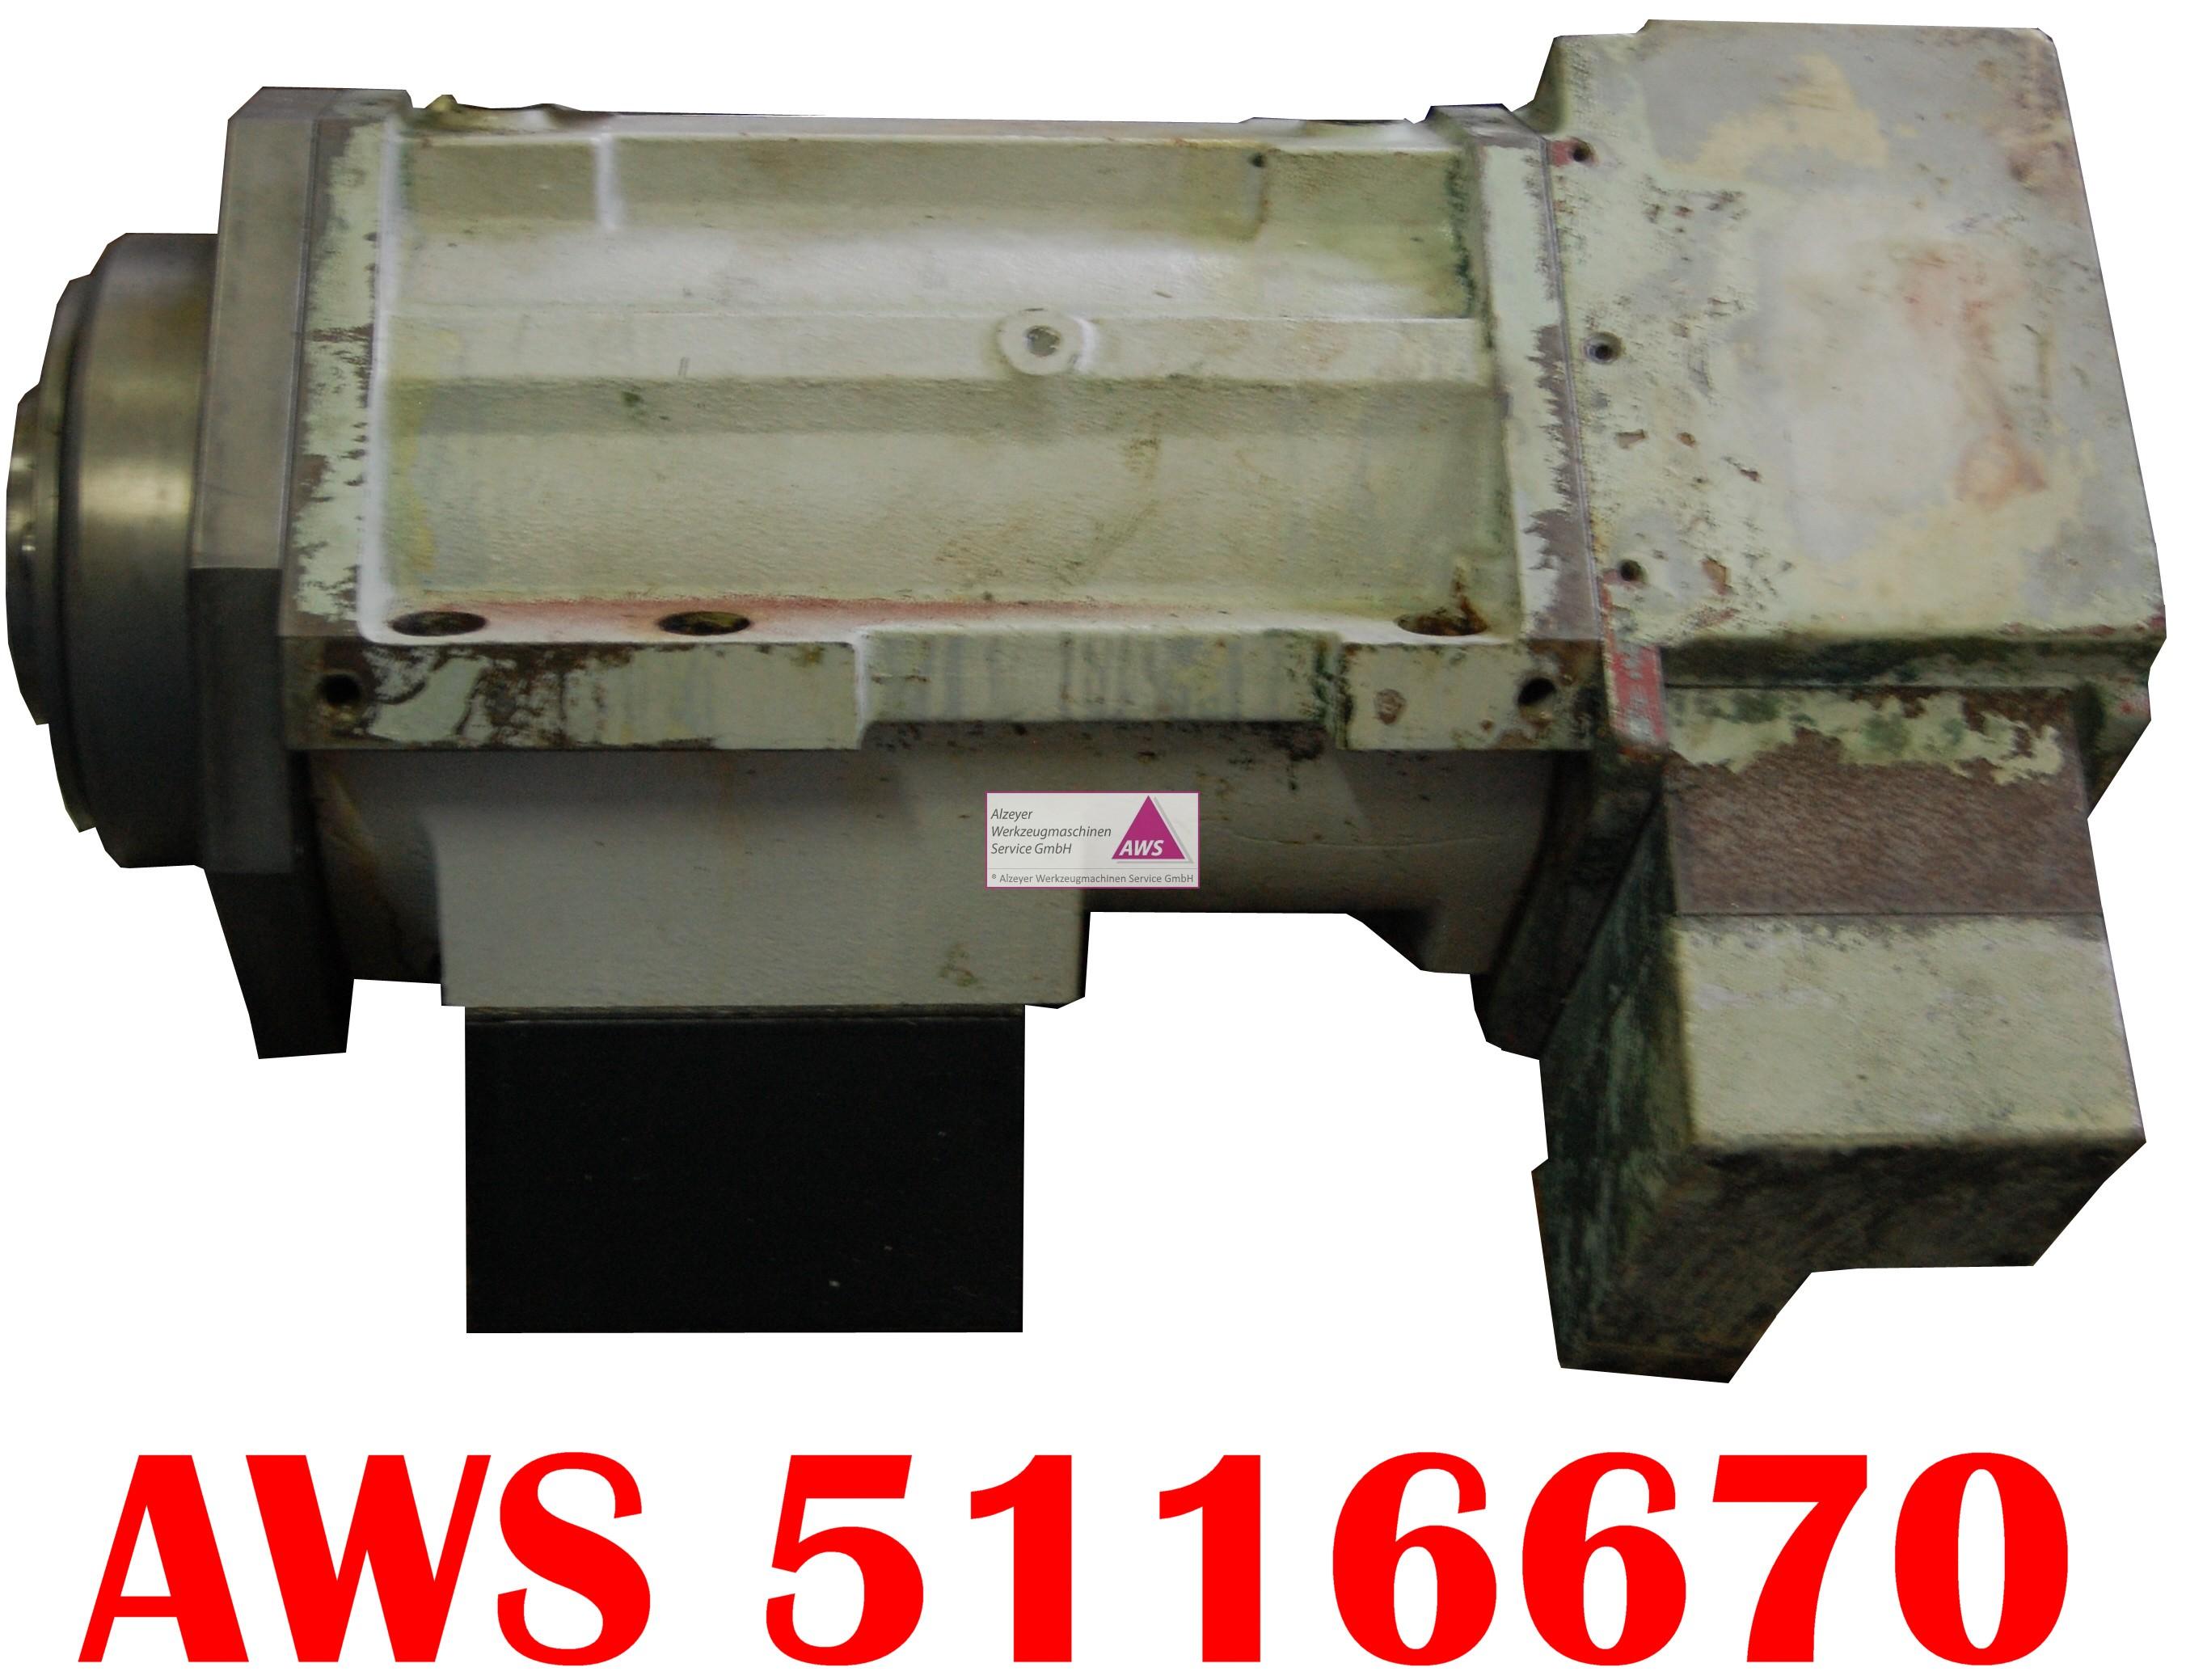 Subspindel Mazak SQT-15/18 (M, MS) Mod.364